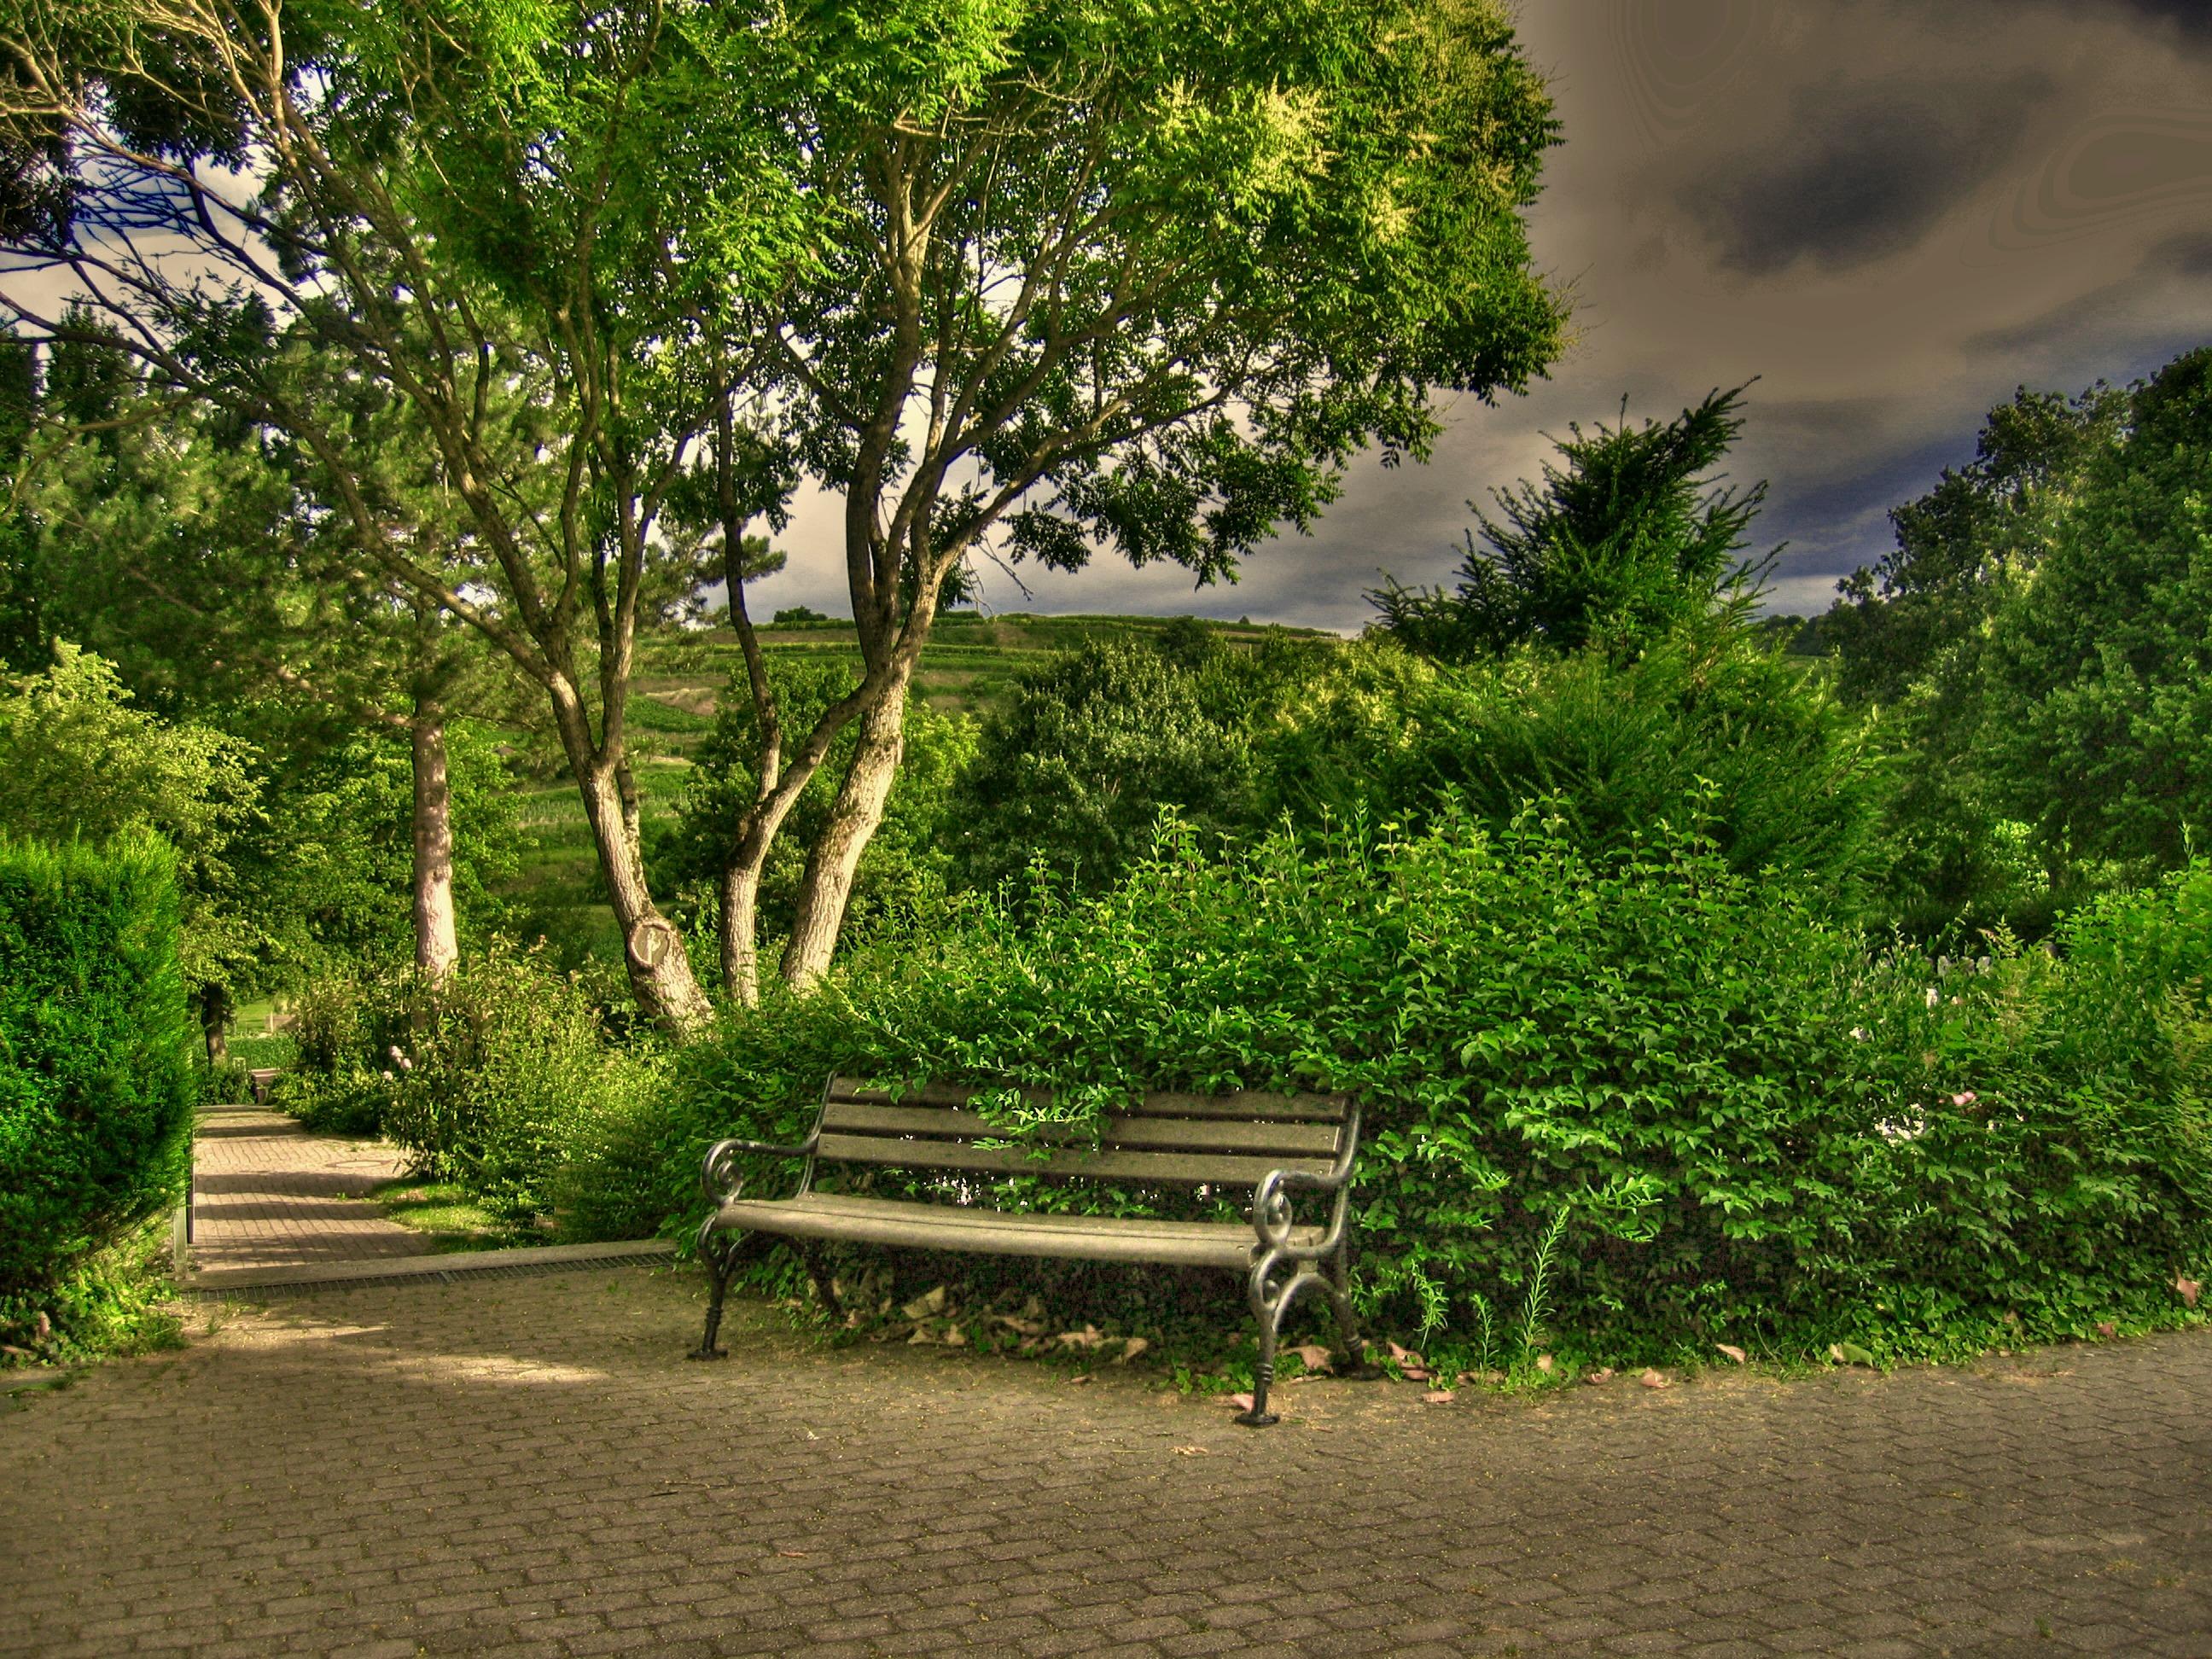 Gambar : pemandangan, pohon, menanam, daun, bunga, hijau ...